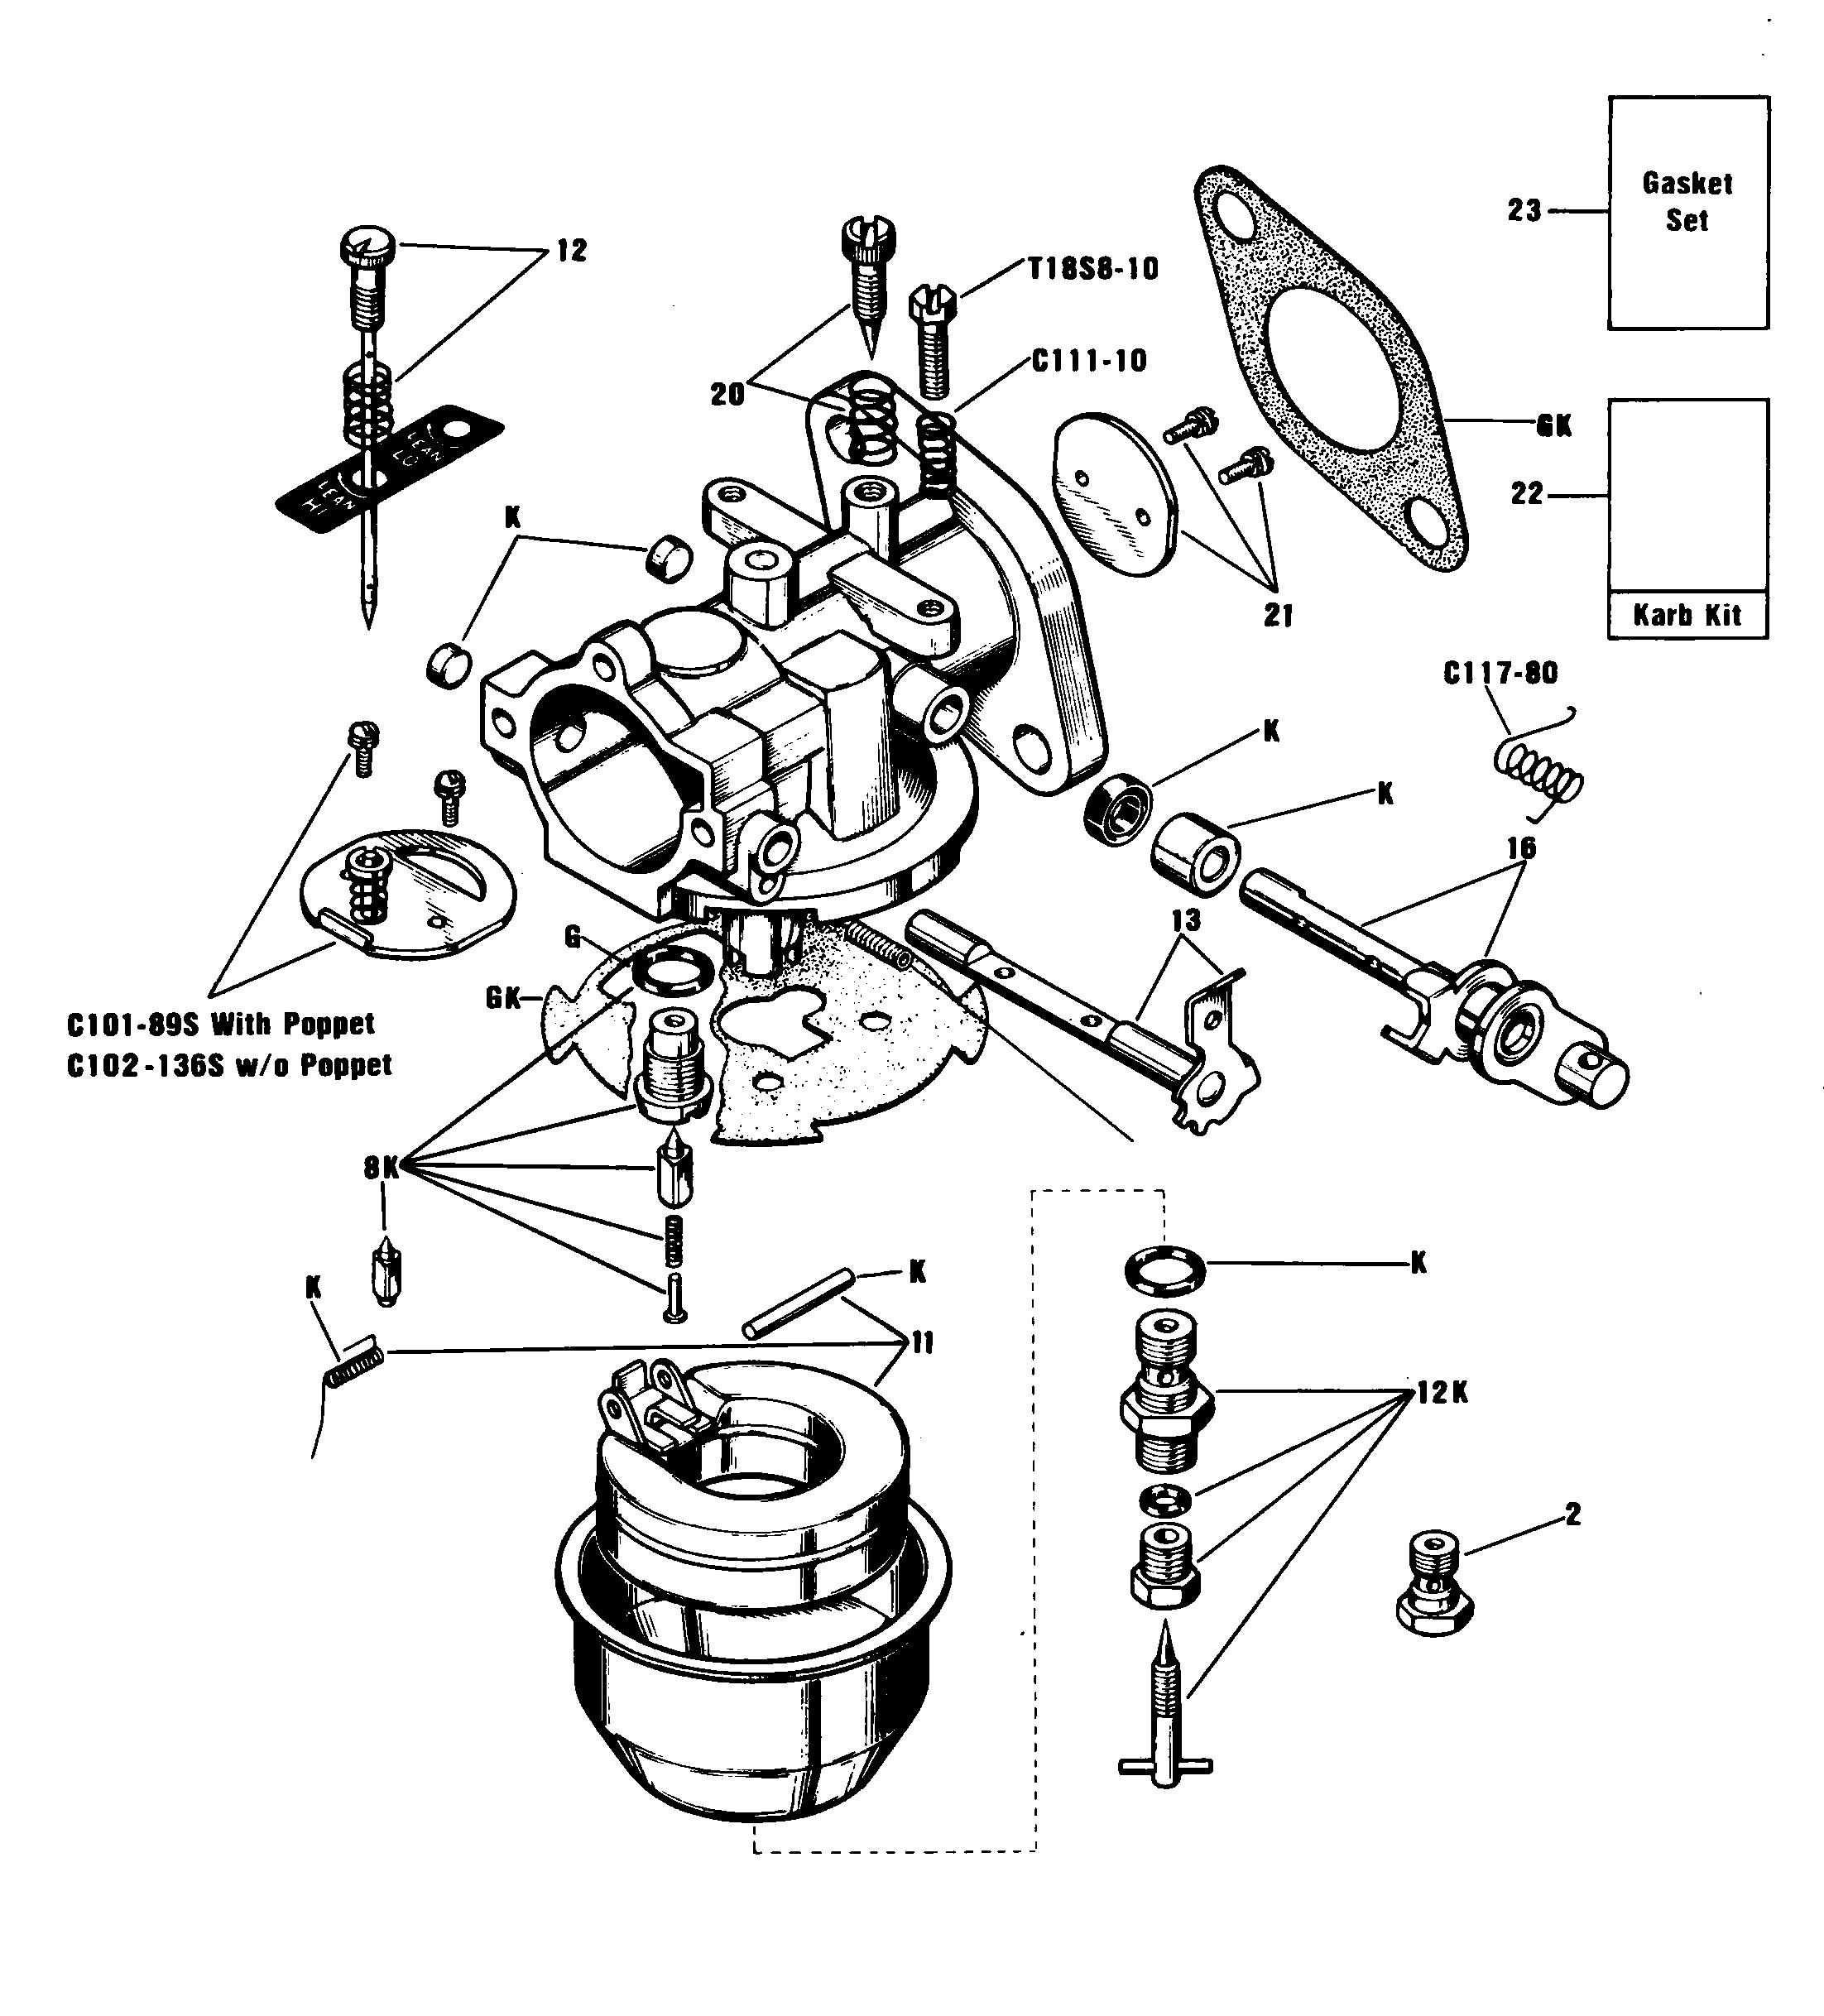 Zenith 13208 carburetor kit float and manual rh carbkitsource 690194 carburetor parts diagram keihin carburetor parts diagram